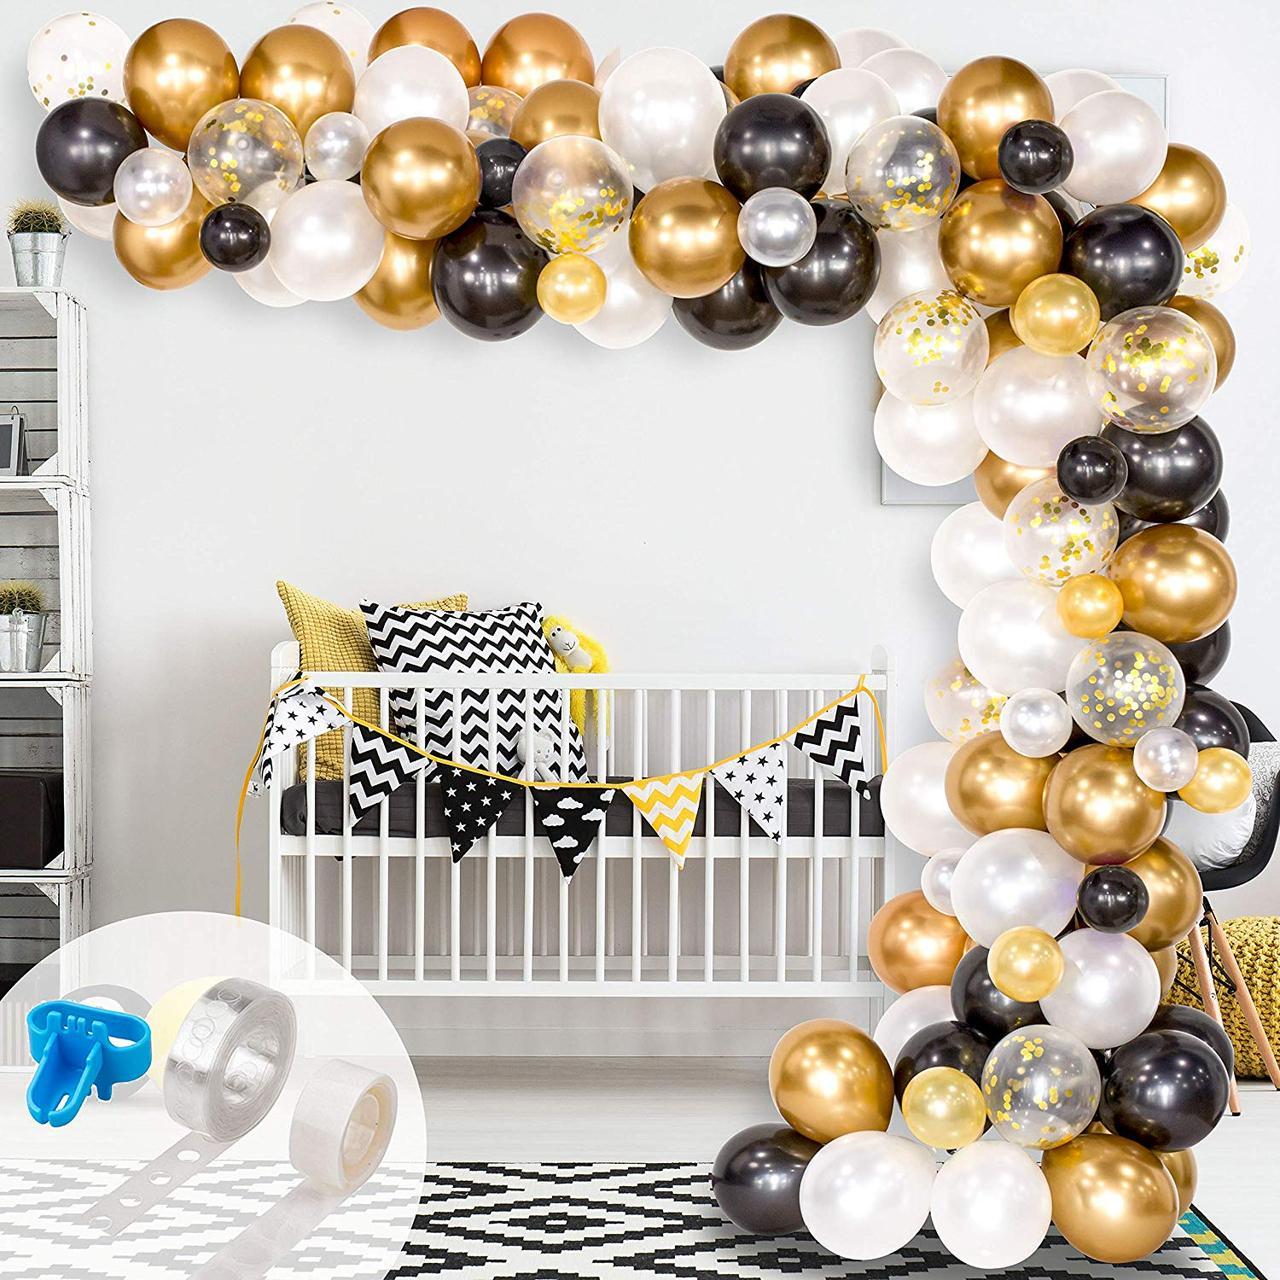 Набір повітряних кульок Гірлянда бульбашок для фотозоны, свят весілля, день народження, вечірка, ювілей